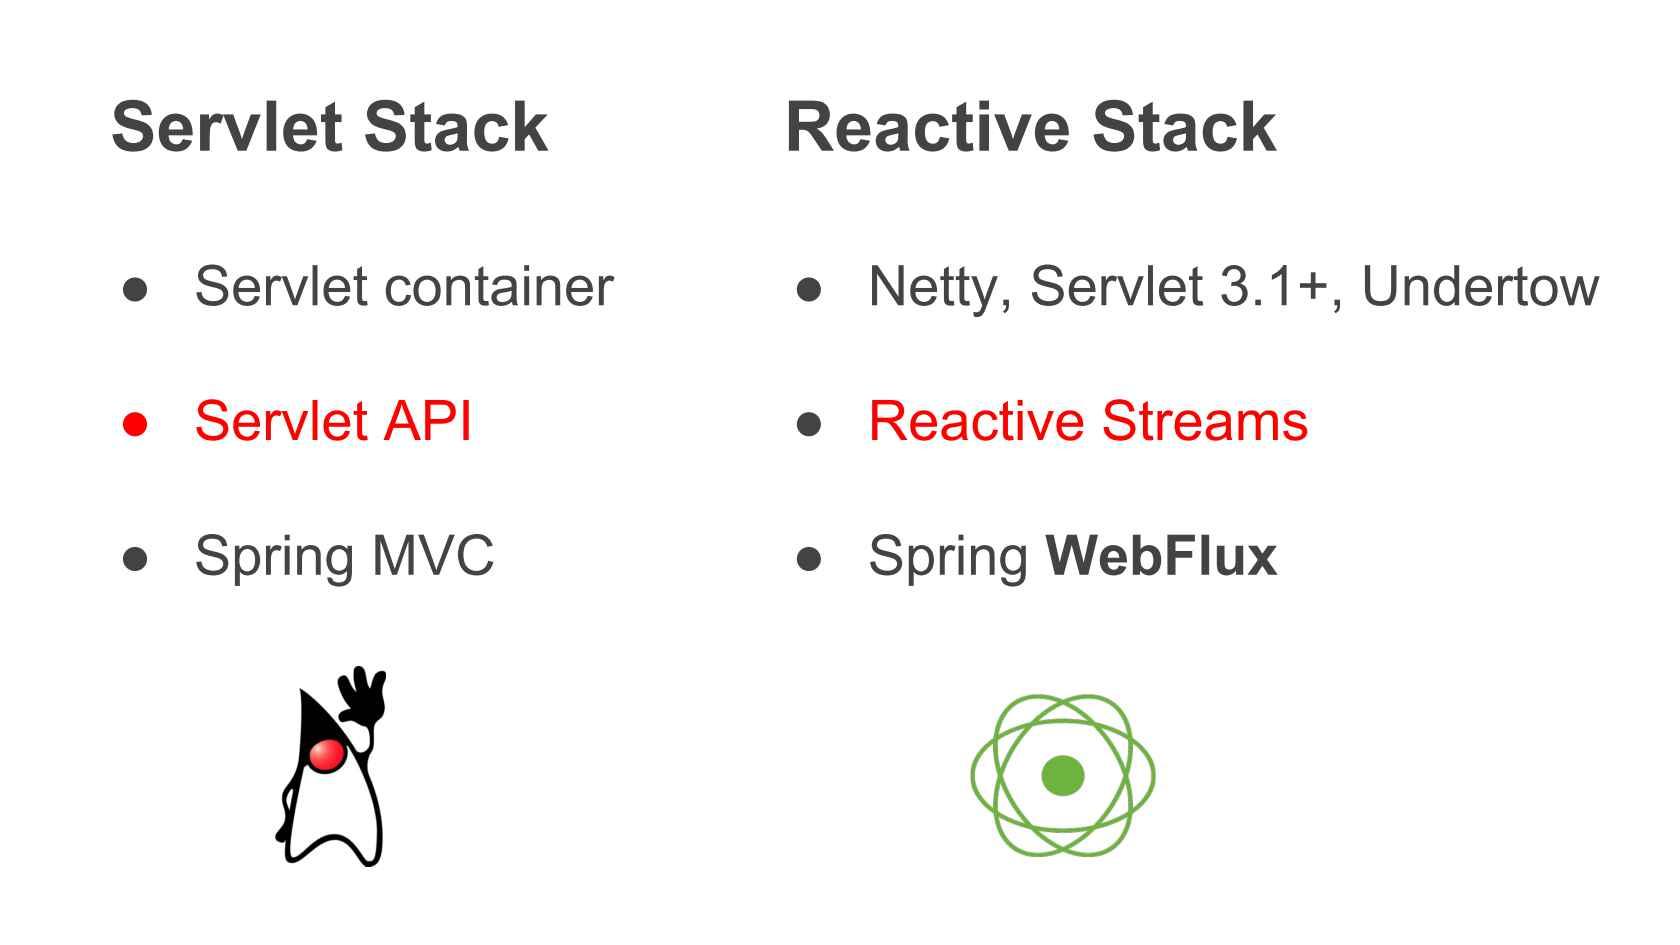 Servlet vs Reactive Stacks in Five Use Cases